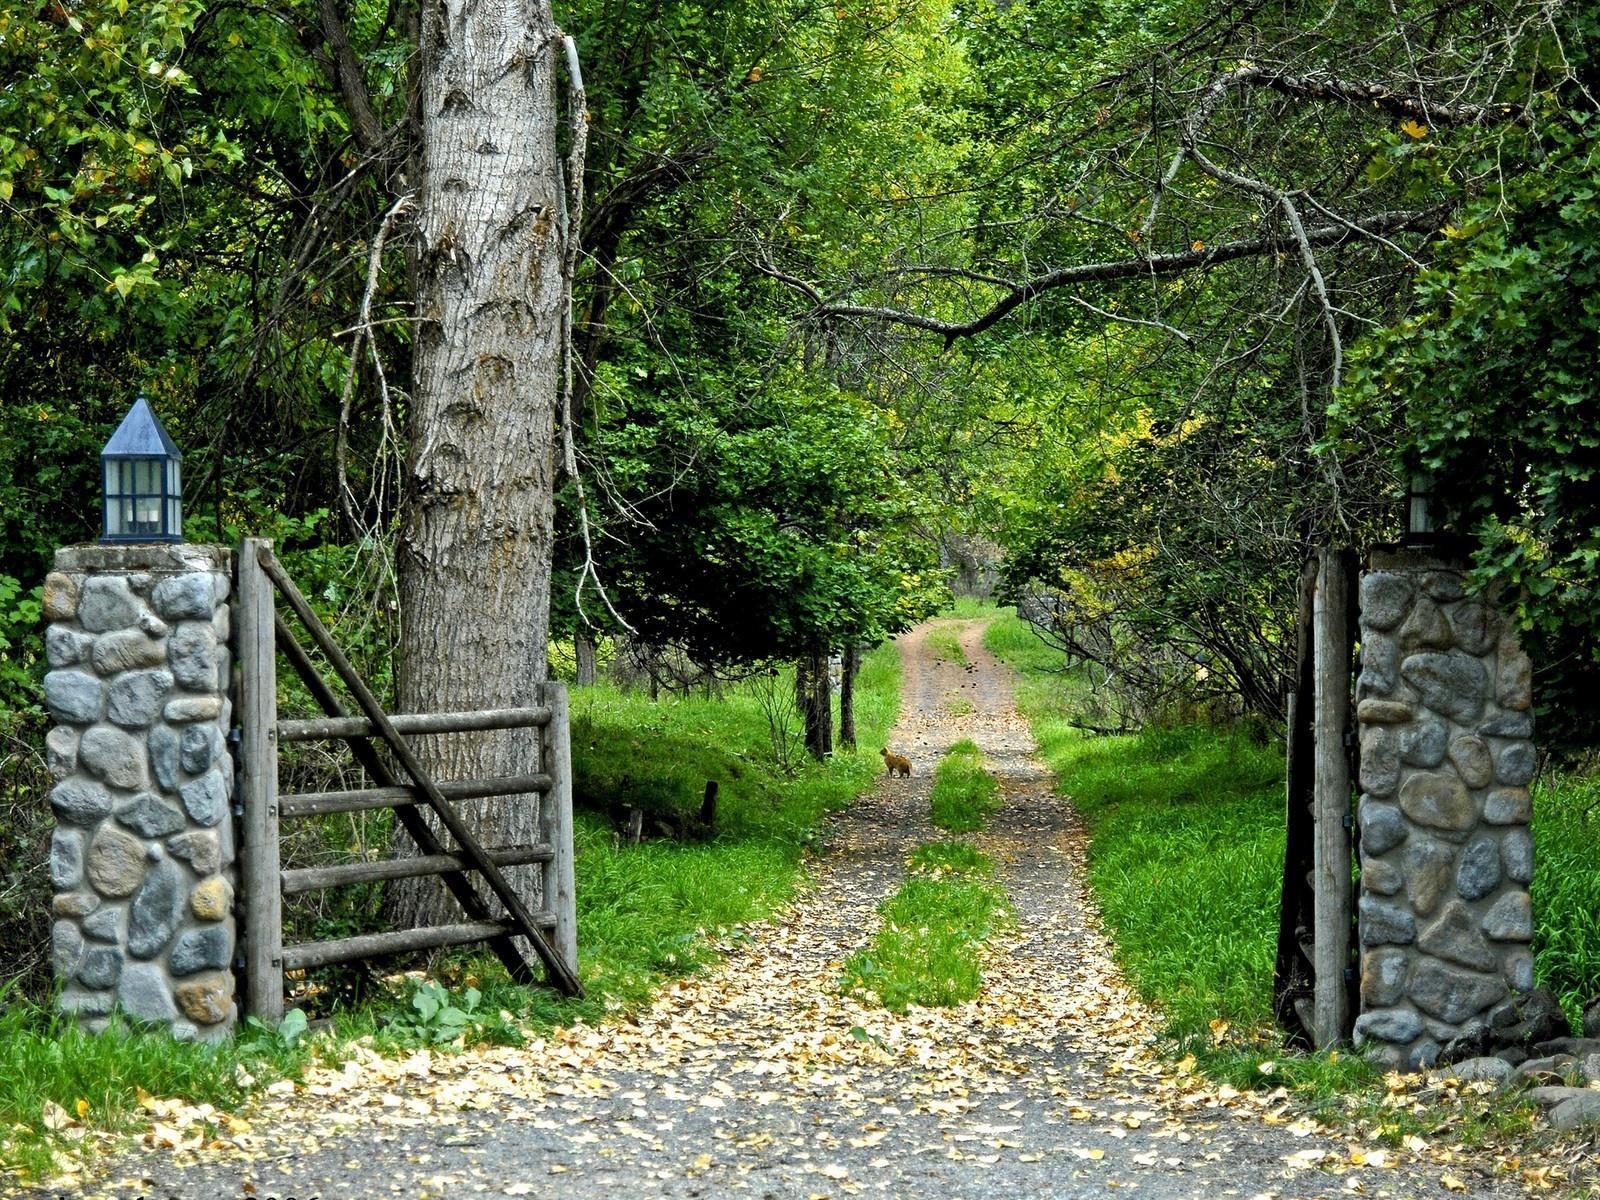 http://3.bp.blogspot.com/-eI9W10ZFkOU/T_jmGQ5fivI/AAAAAAAAAJ0/5s2h09n-h7s/s1600/green-garden-beautiful-hd-images-for-laptop-widescreen.jpg